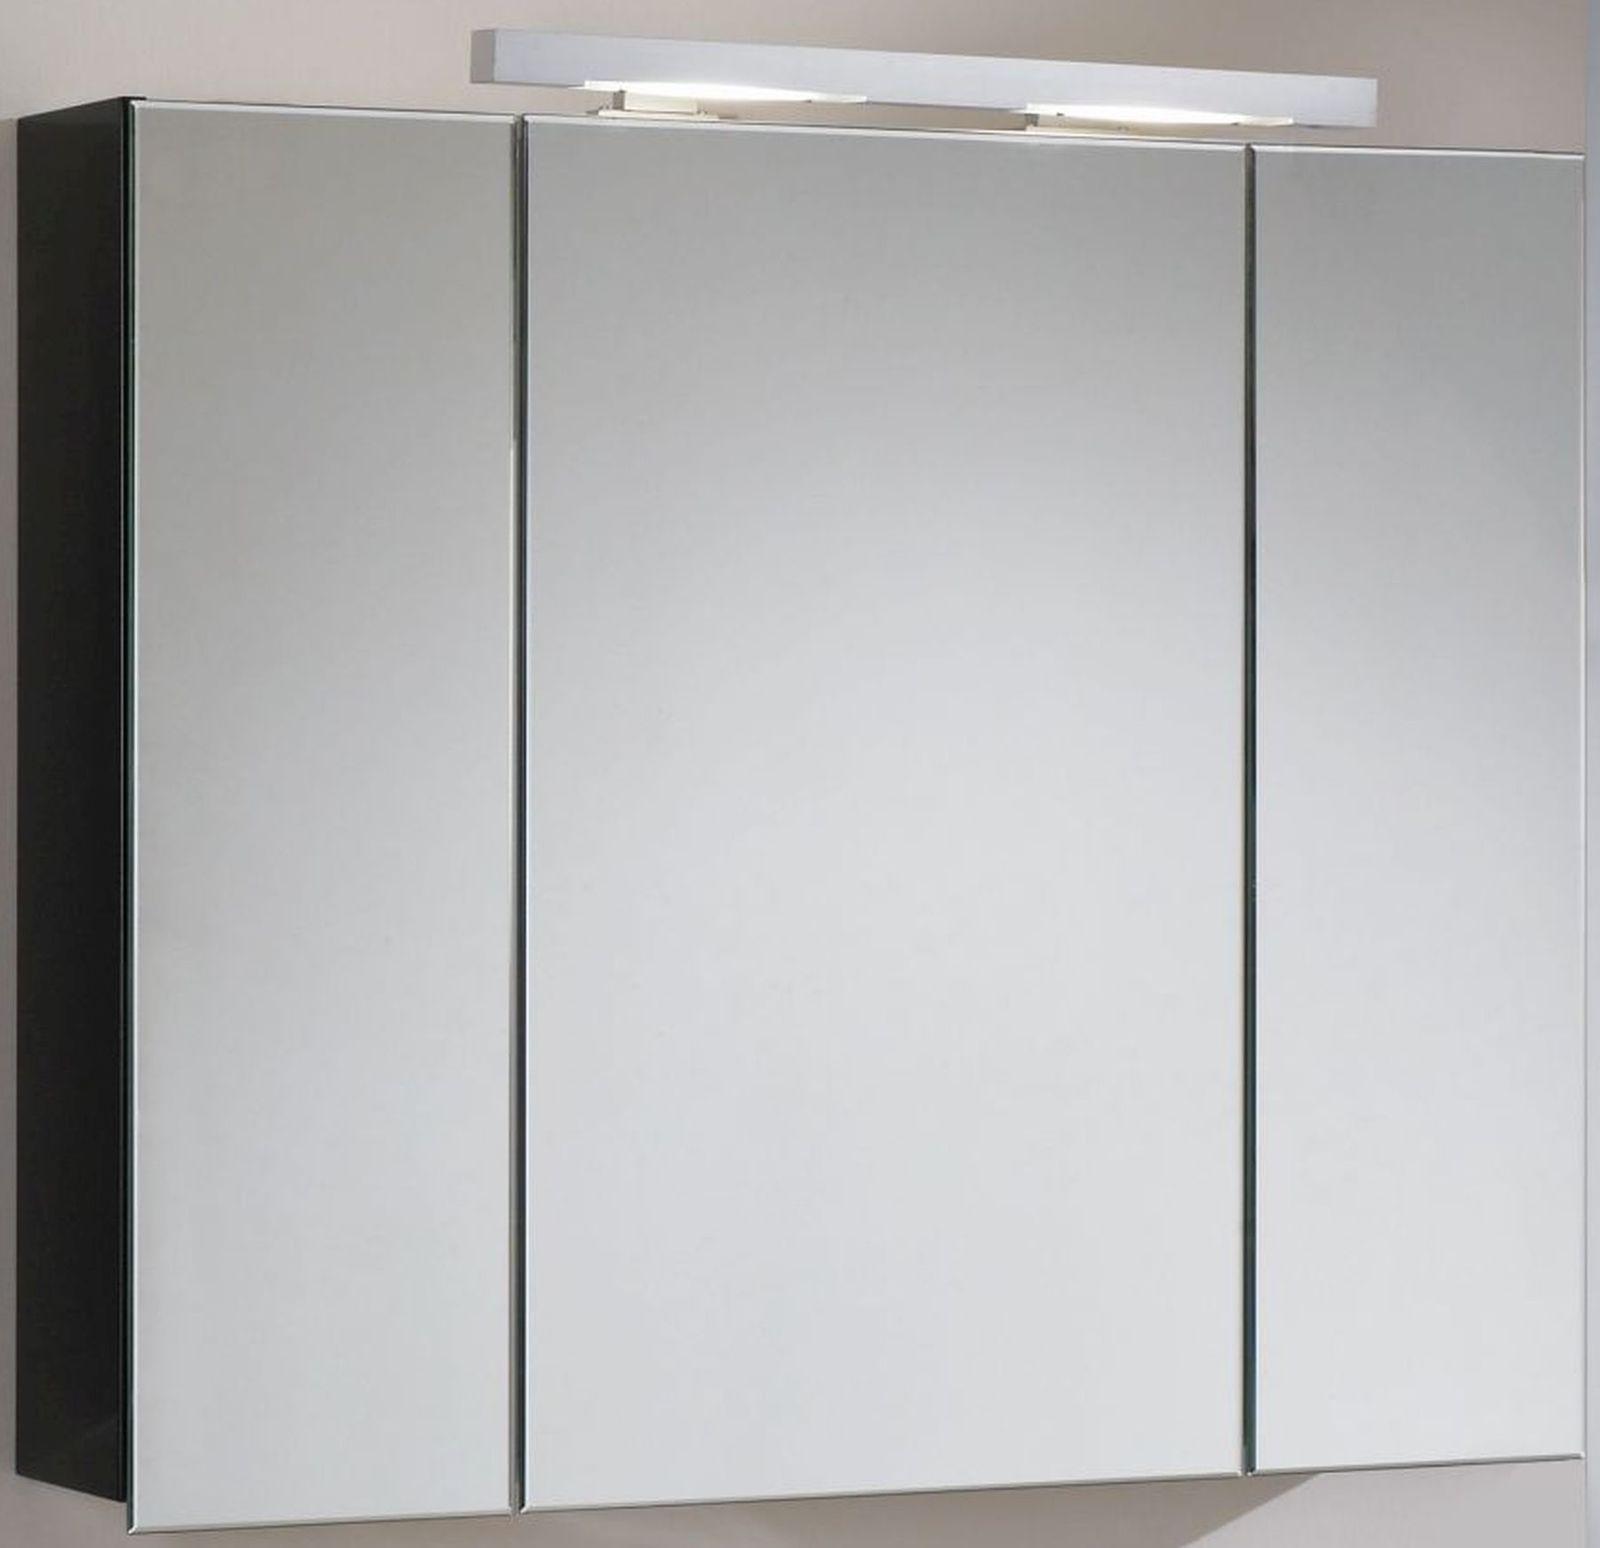 led-bad-spiegelschrank-lavie-80-cm-steckdose-ip21-schalter-1-x-10-watt--sps-80 Spannende Led Lampen 10 Watt Dekorationen